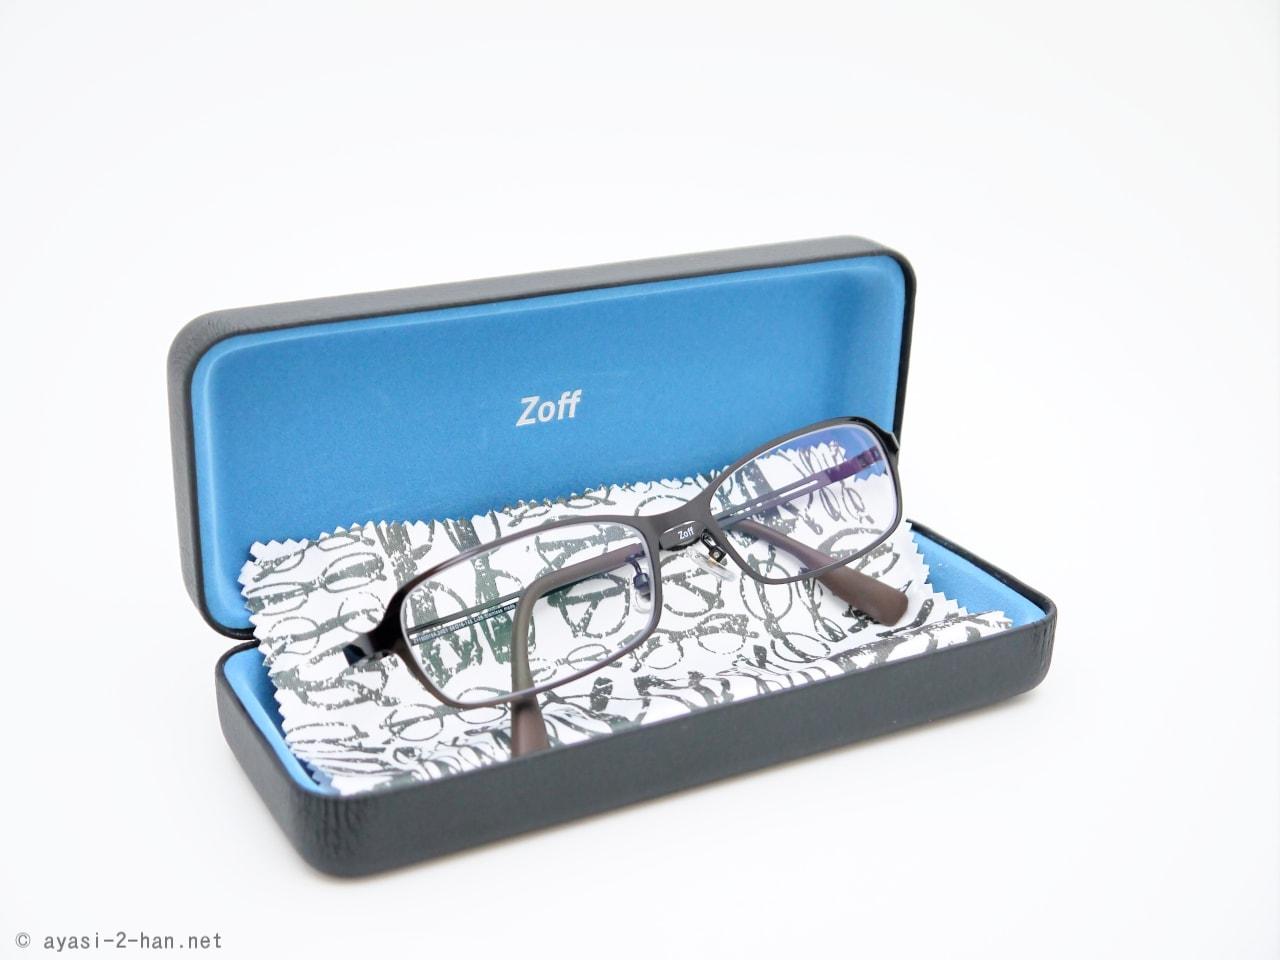 いきなりメガネ屋さんに行ってOK! 度入り(度付き)のメガネの買い方・作り方